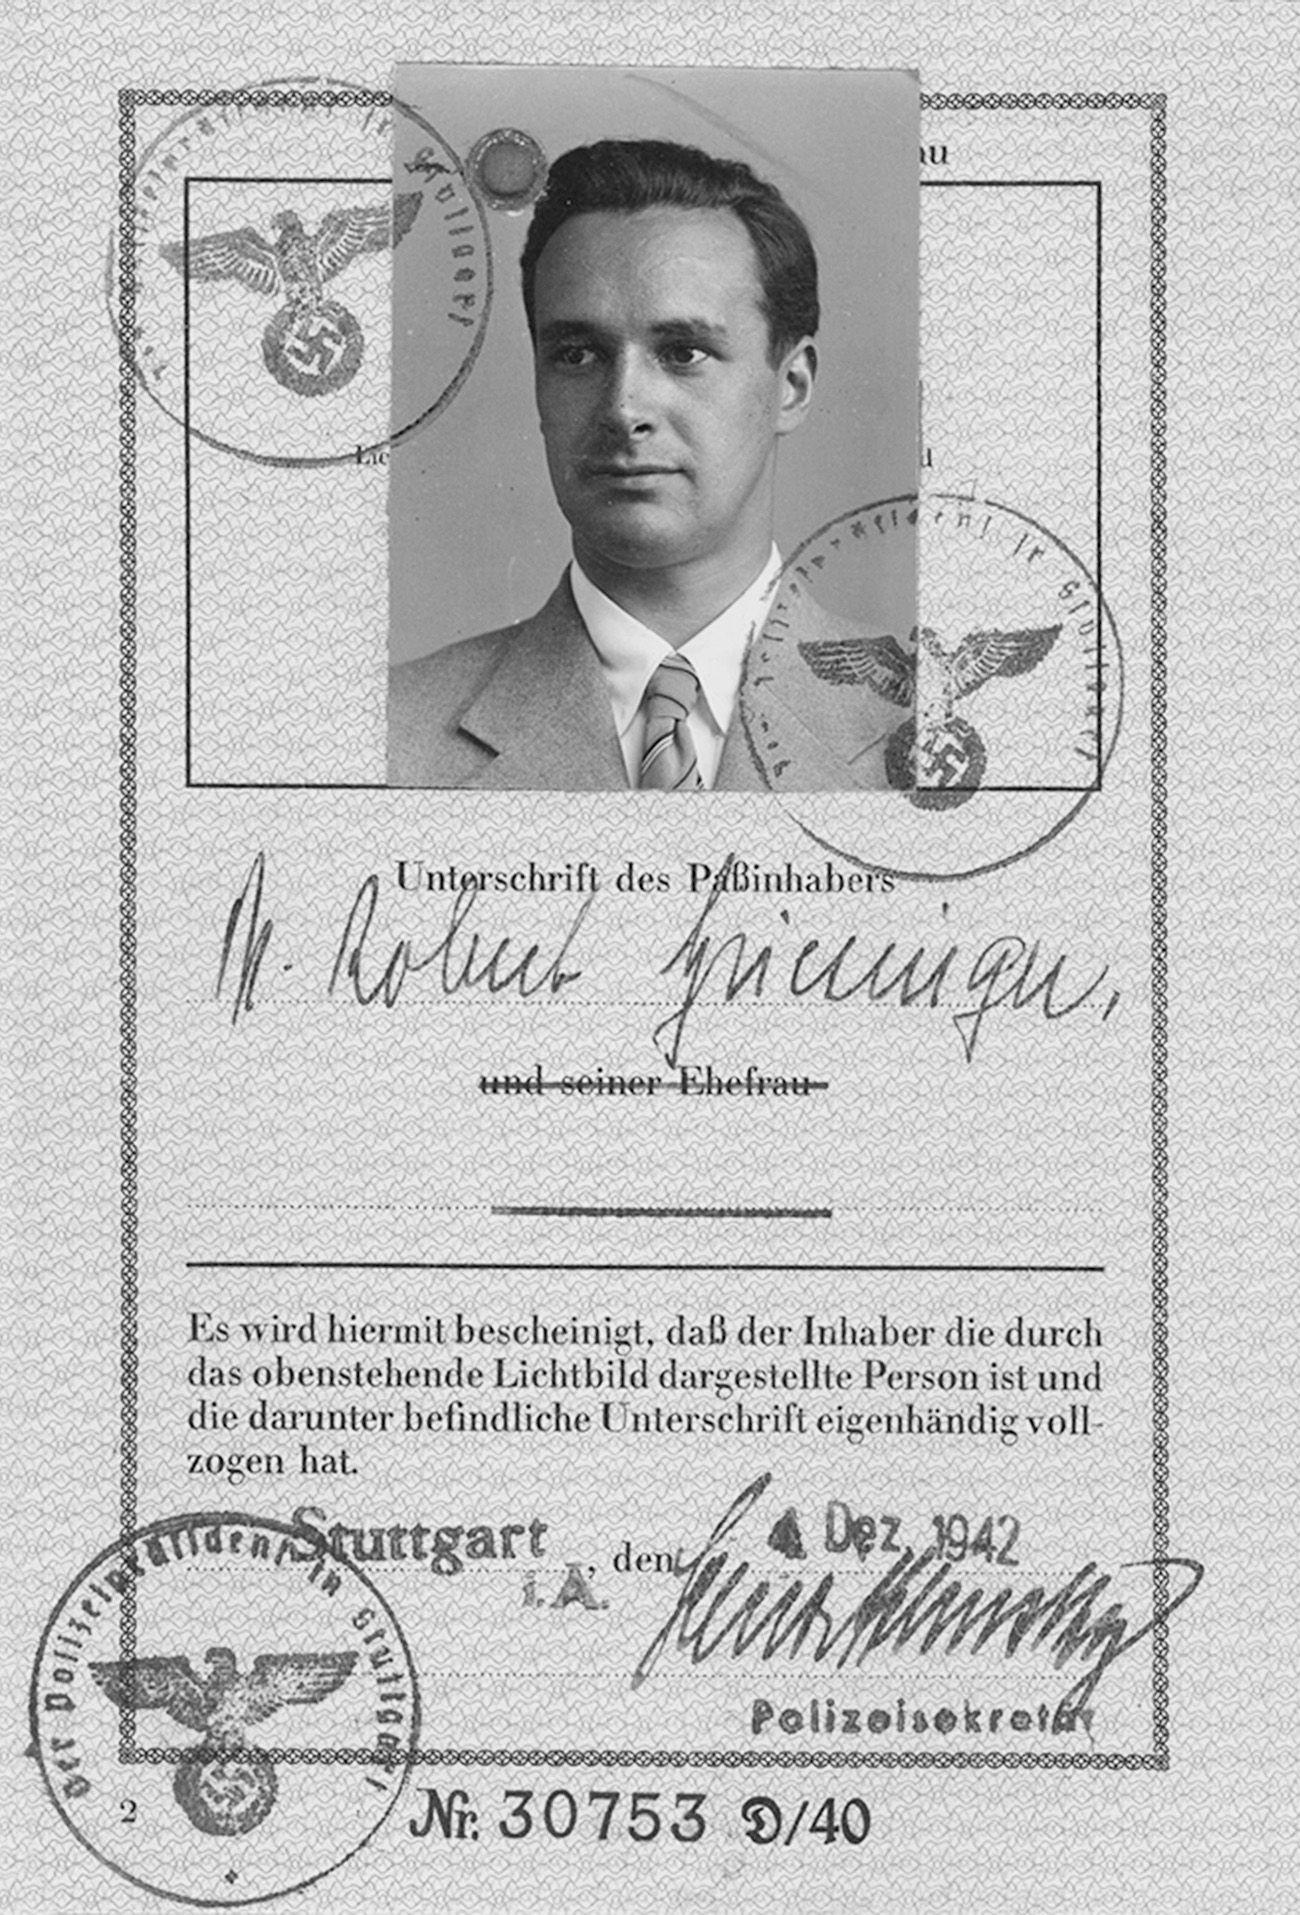 Personalausweis Robert Griesinger